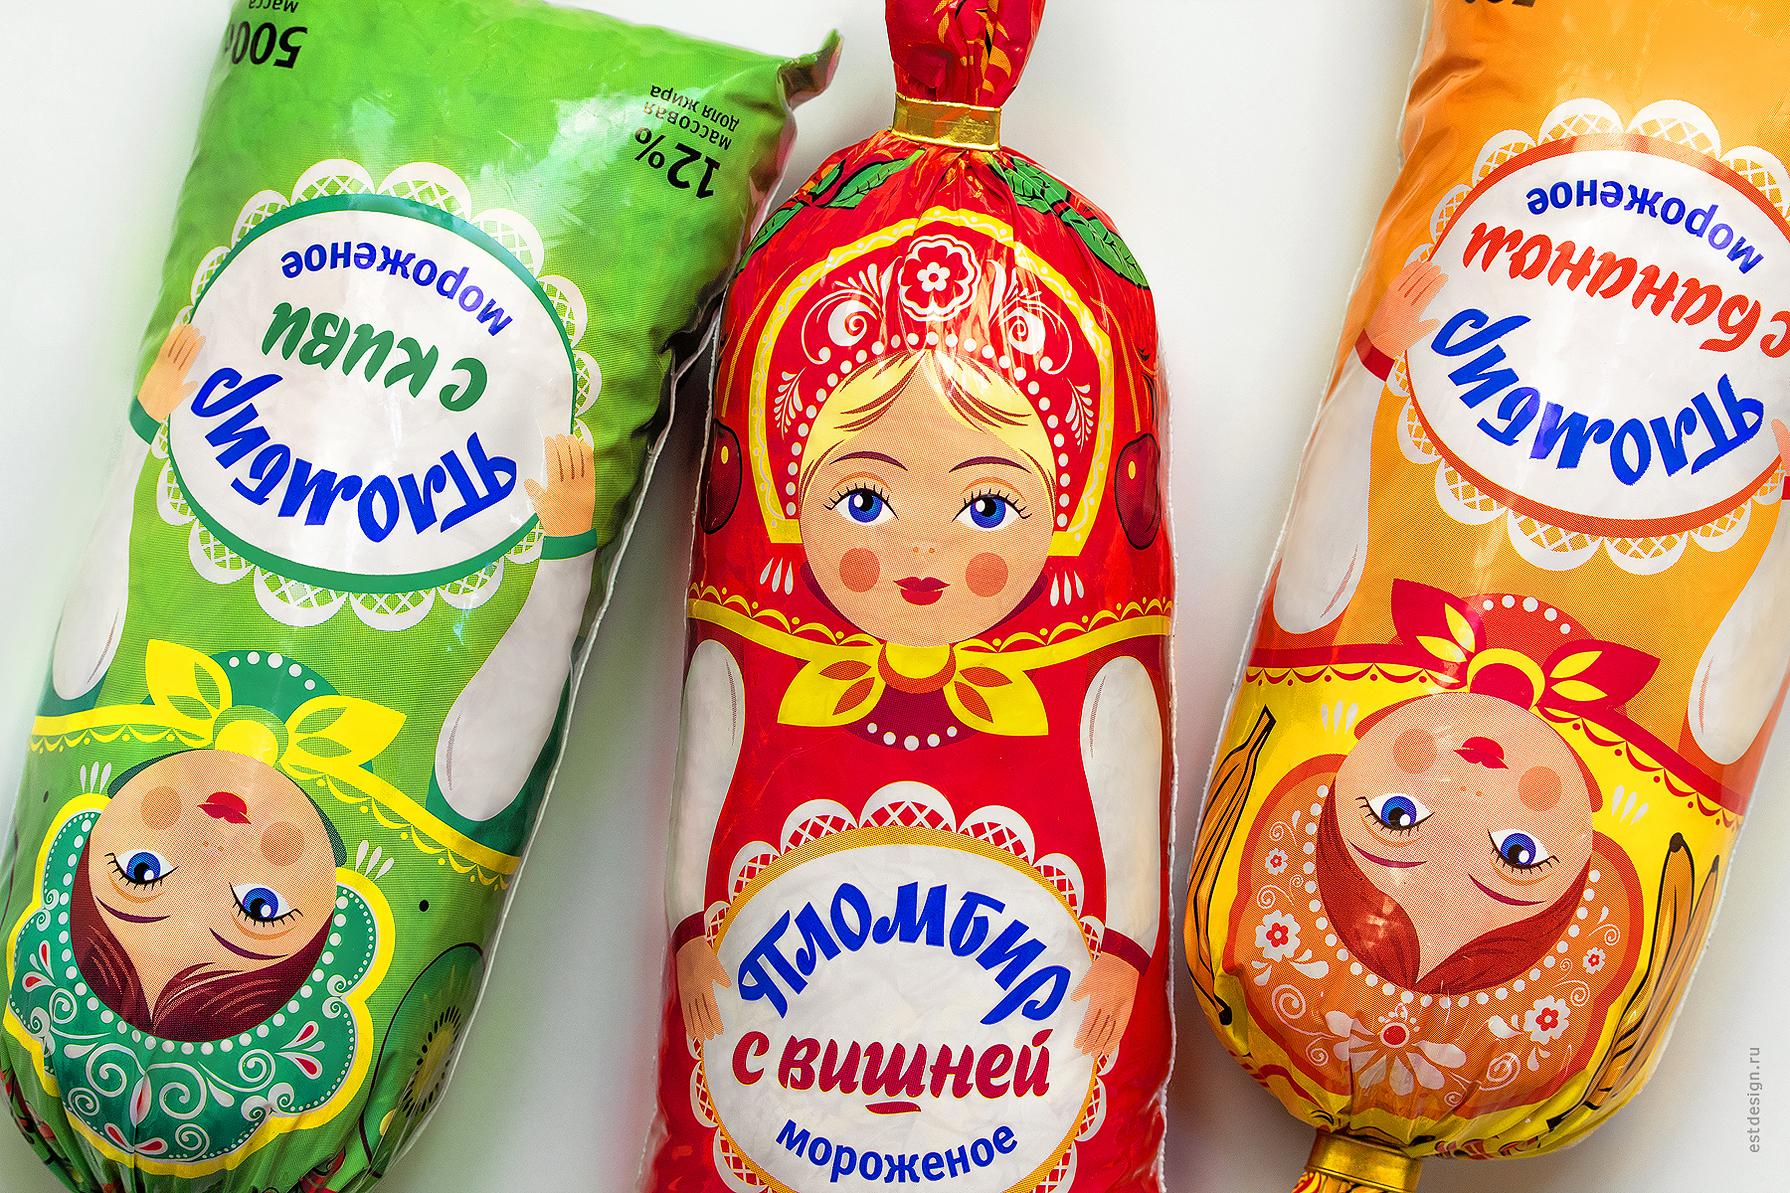 Мороженое матрешки